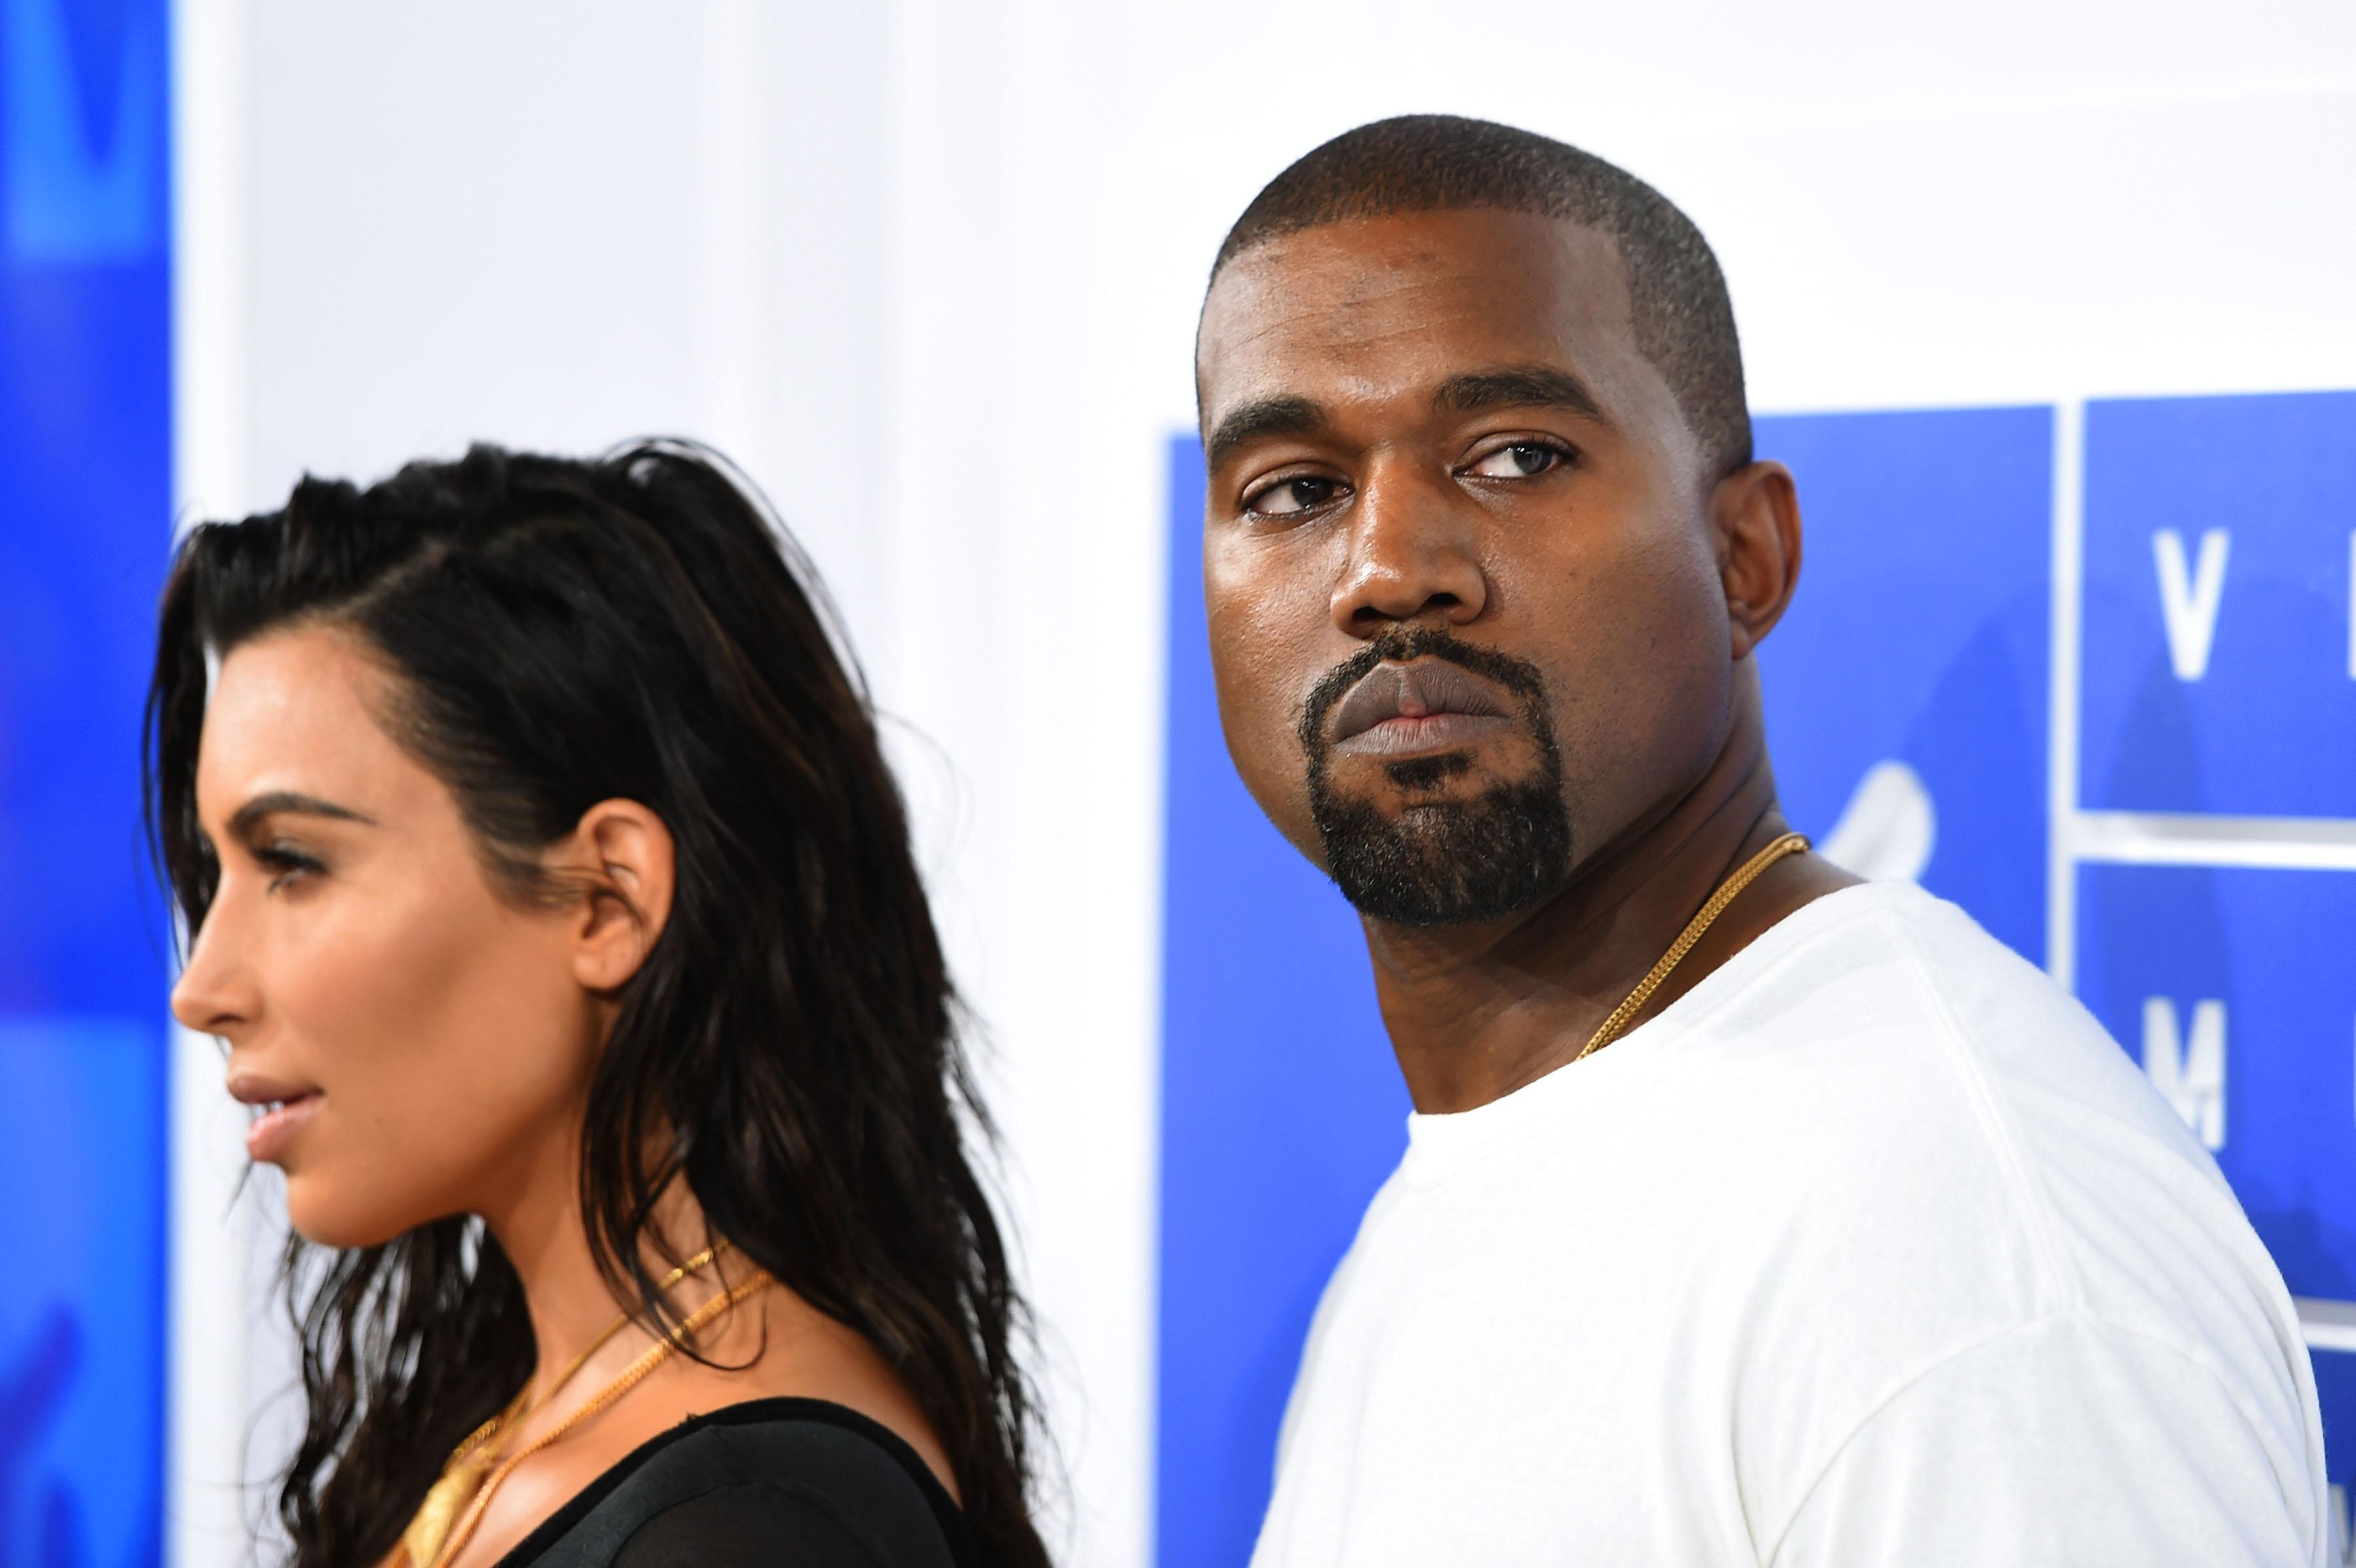 """Após semana polêmica, Kanye West faz post com ex de Khloe Kardashian: """"Meu momento favorito"""""""